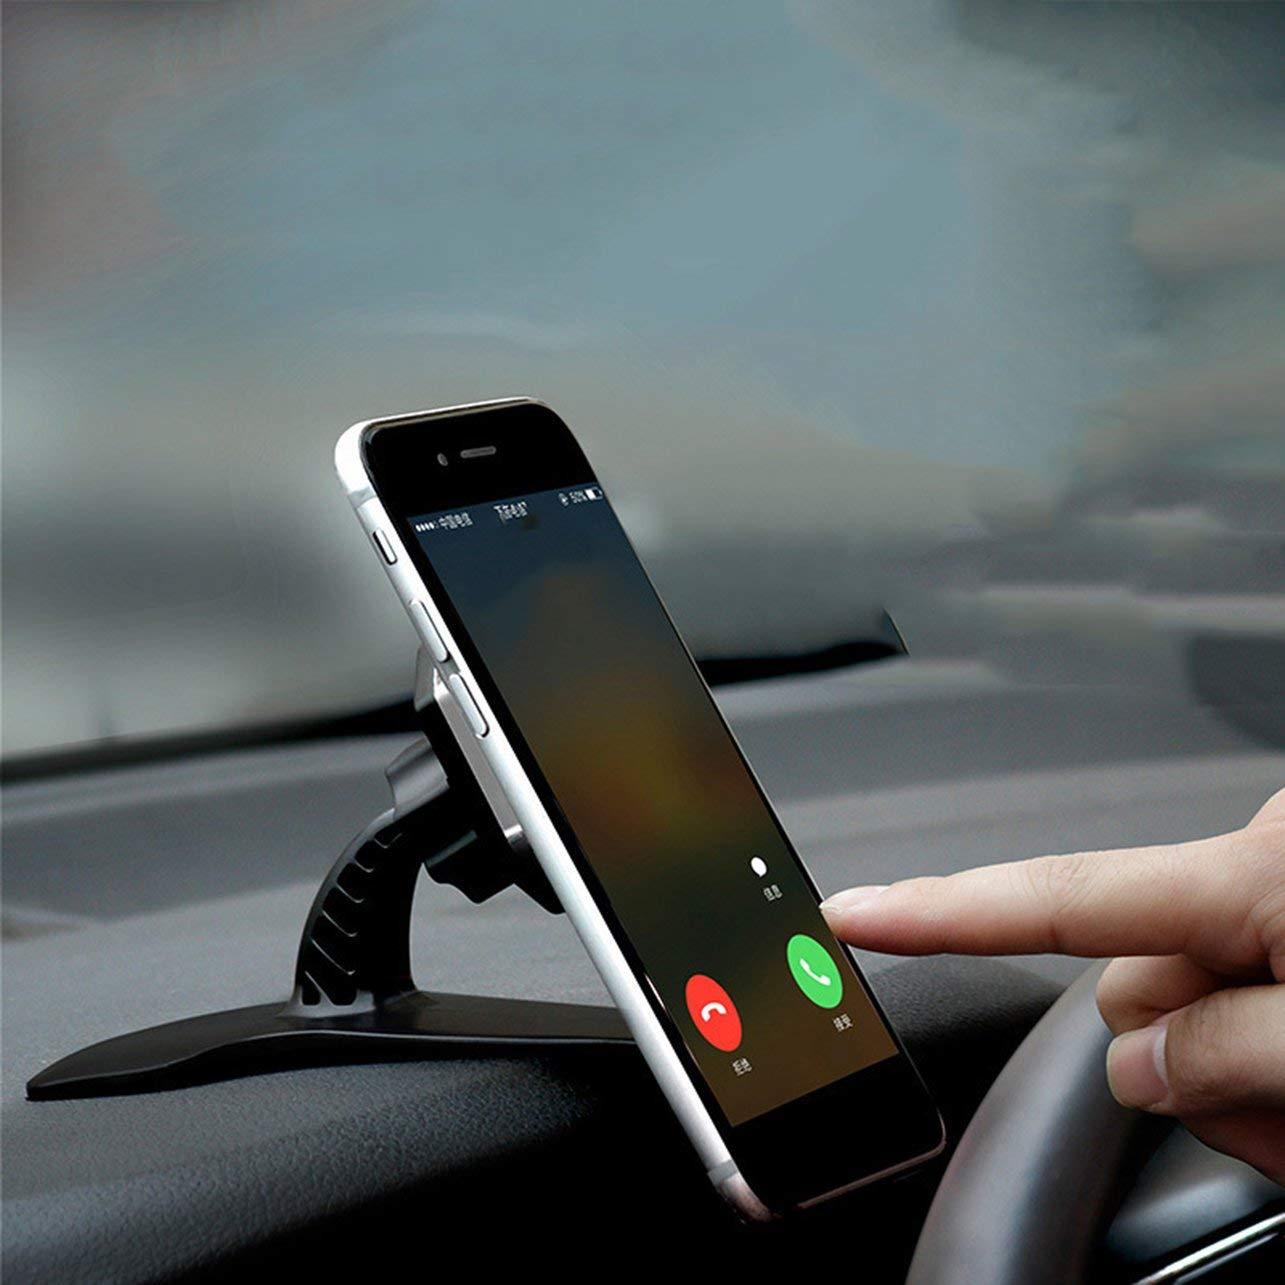 Heaviesk Support de t/él/éphone Portable pour Tableau de Bord de Voiture Hud Vue directe Cadre de Navigation de Voiture Support de Voiture avec Rotation /à 360 degr/és